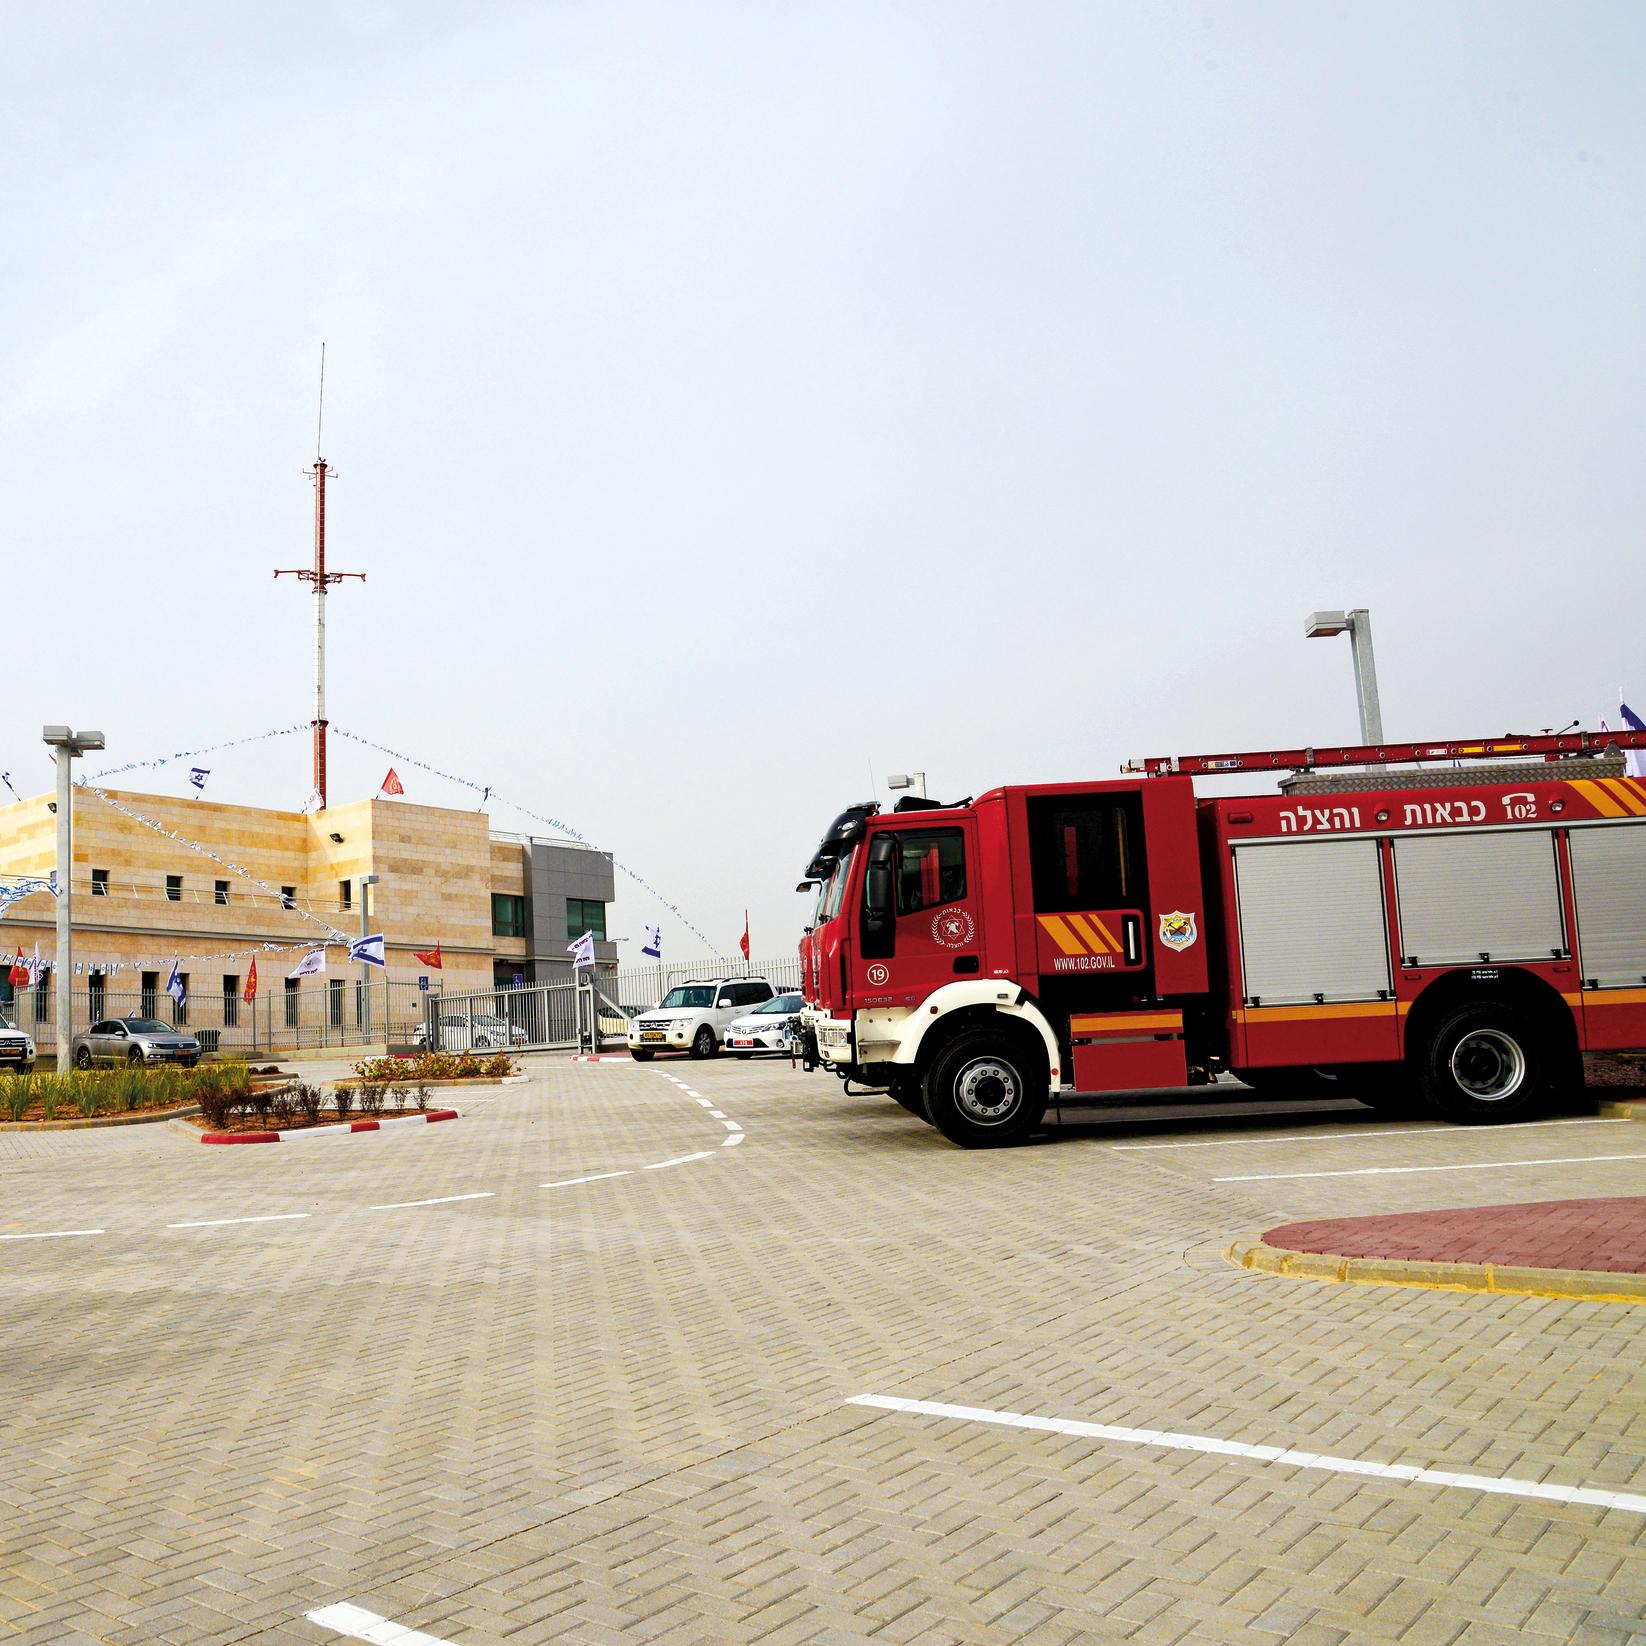 פעמים רבות הגורם המעכב הוא שינוי תקנים מטעם כיבוי אש (צילום: הרצל יוסף) ()